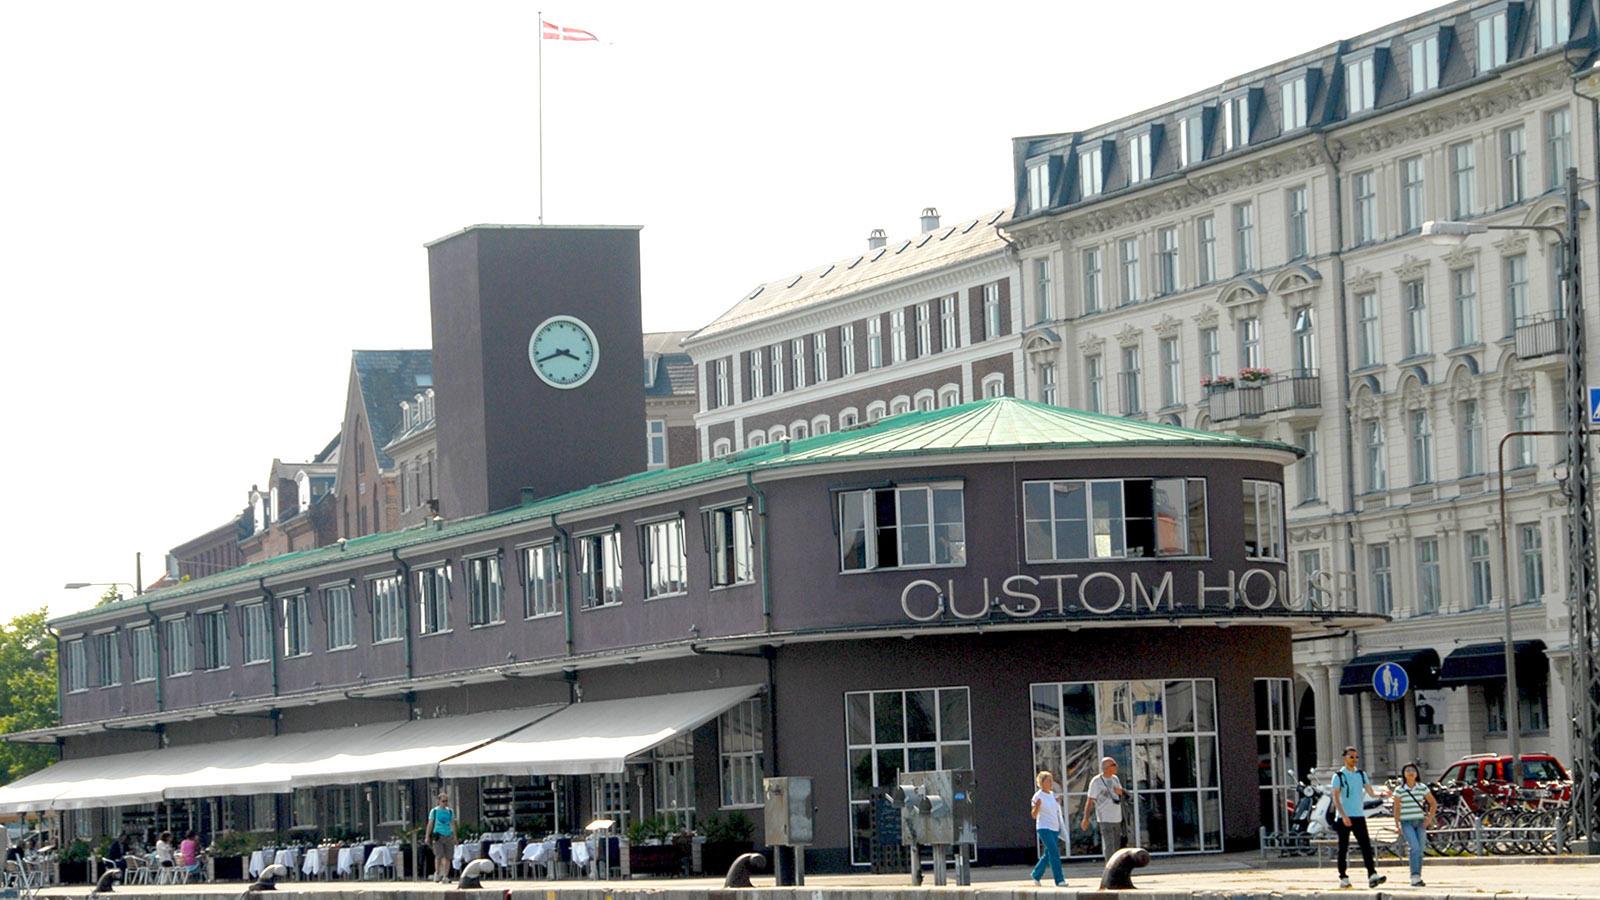 Mit dem Hafenbus in Kopenhagen unterwegs: Das ehemalige Zollhaus ist heute ein beliebtes Restaurant. Foto: Hilke Maunder